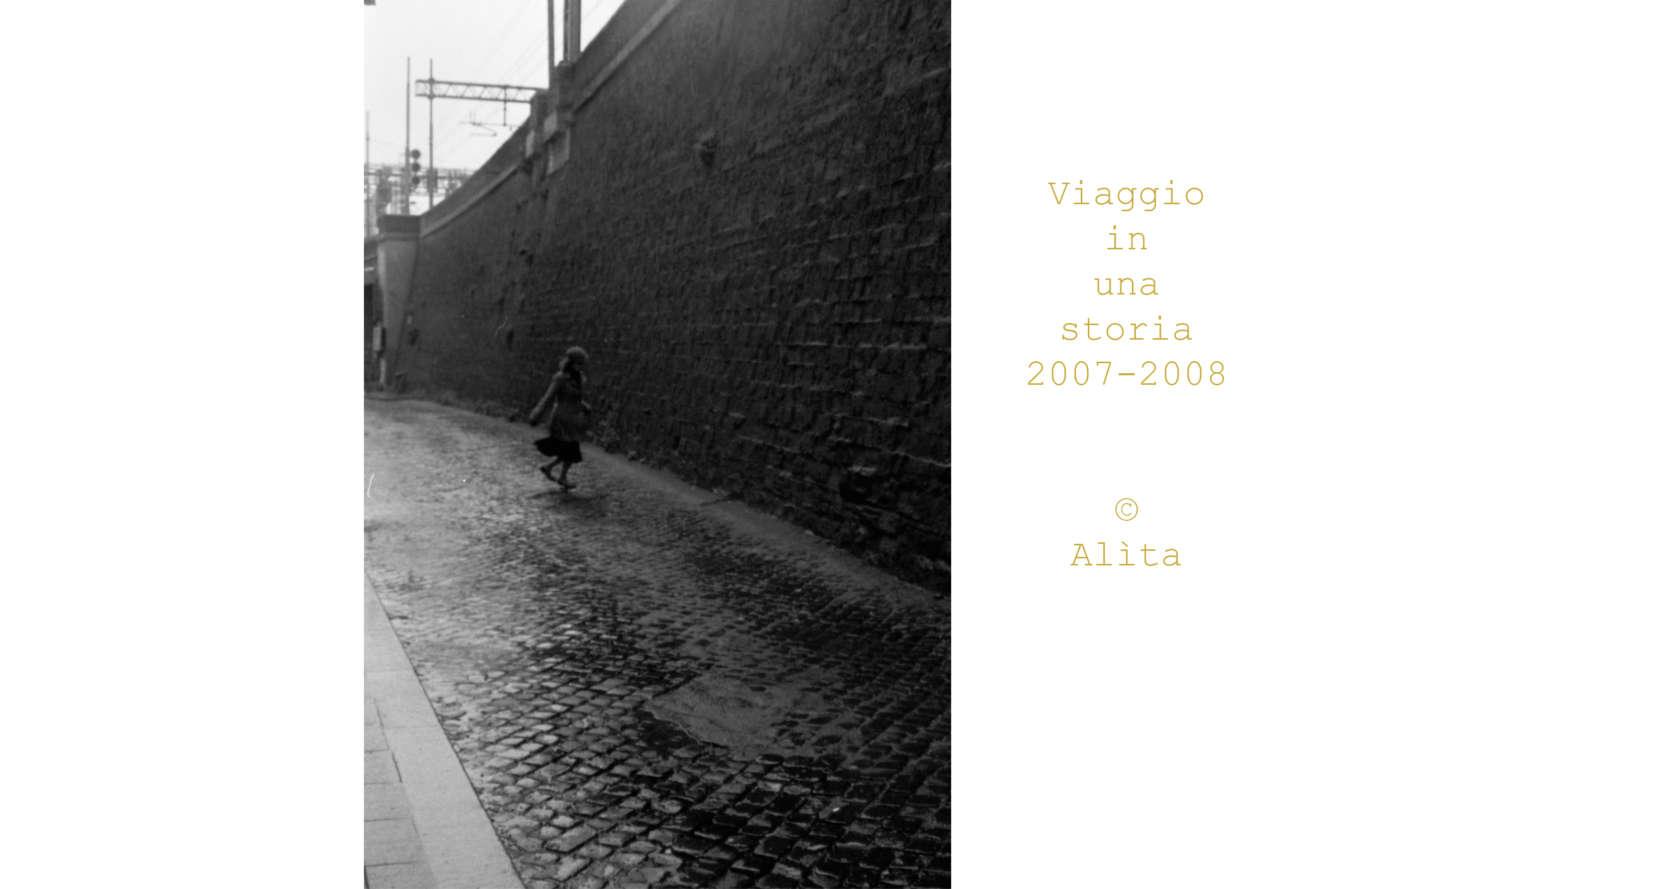 ALìTA-05-1660x889.jpg